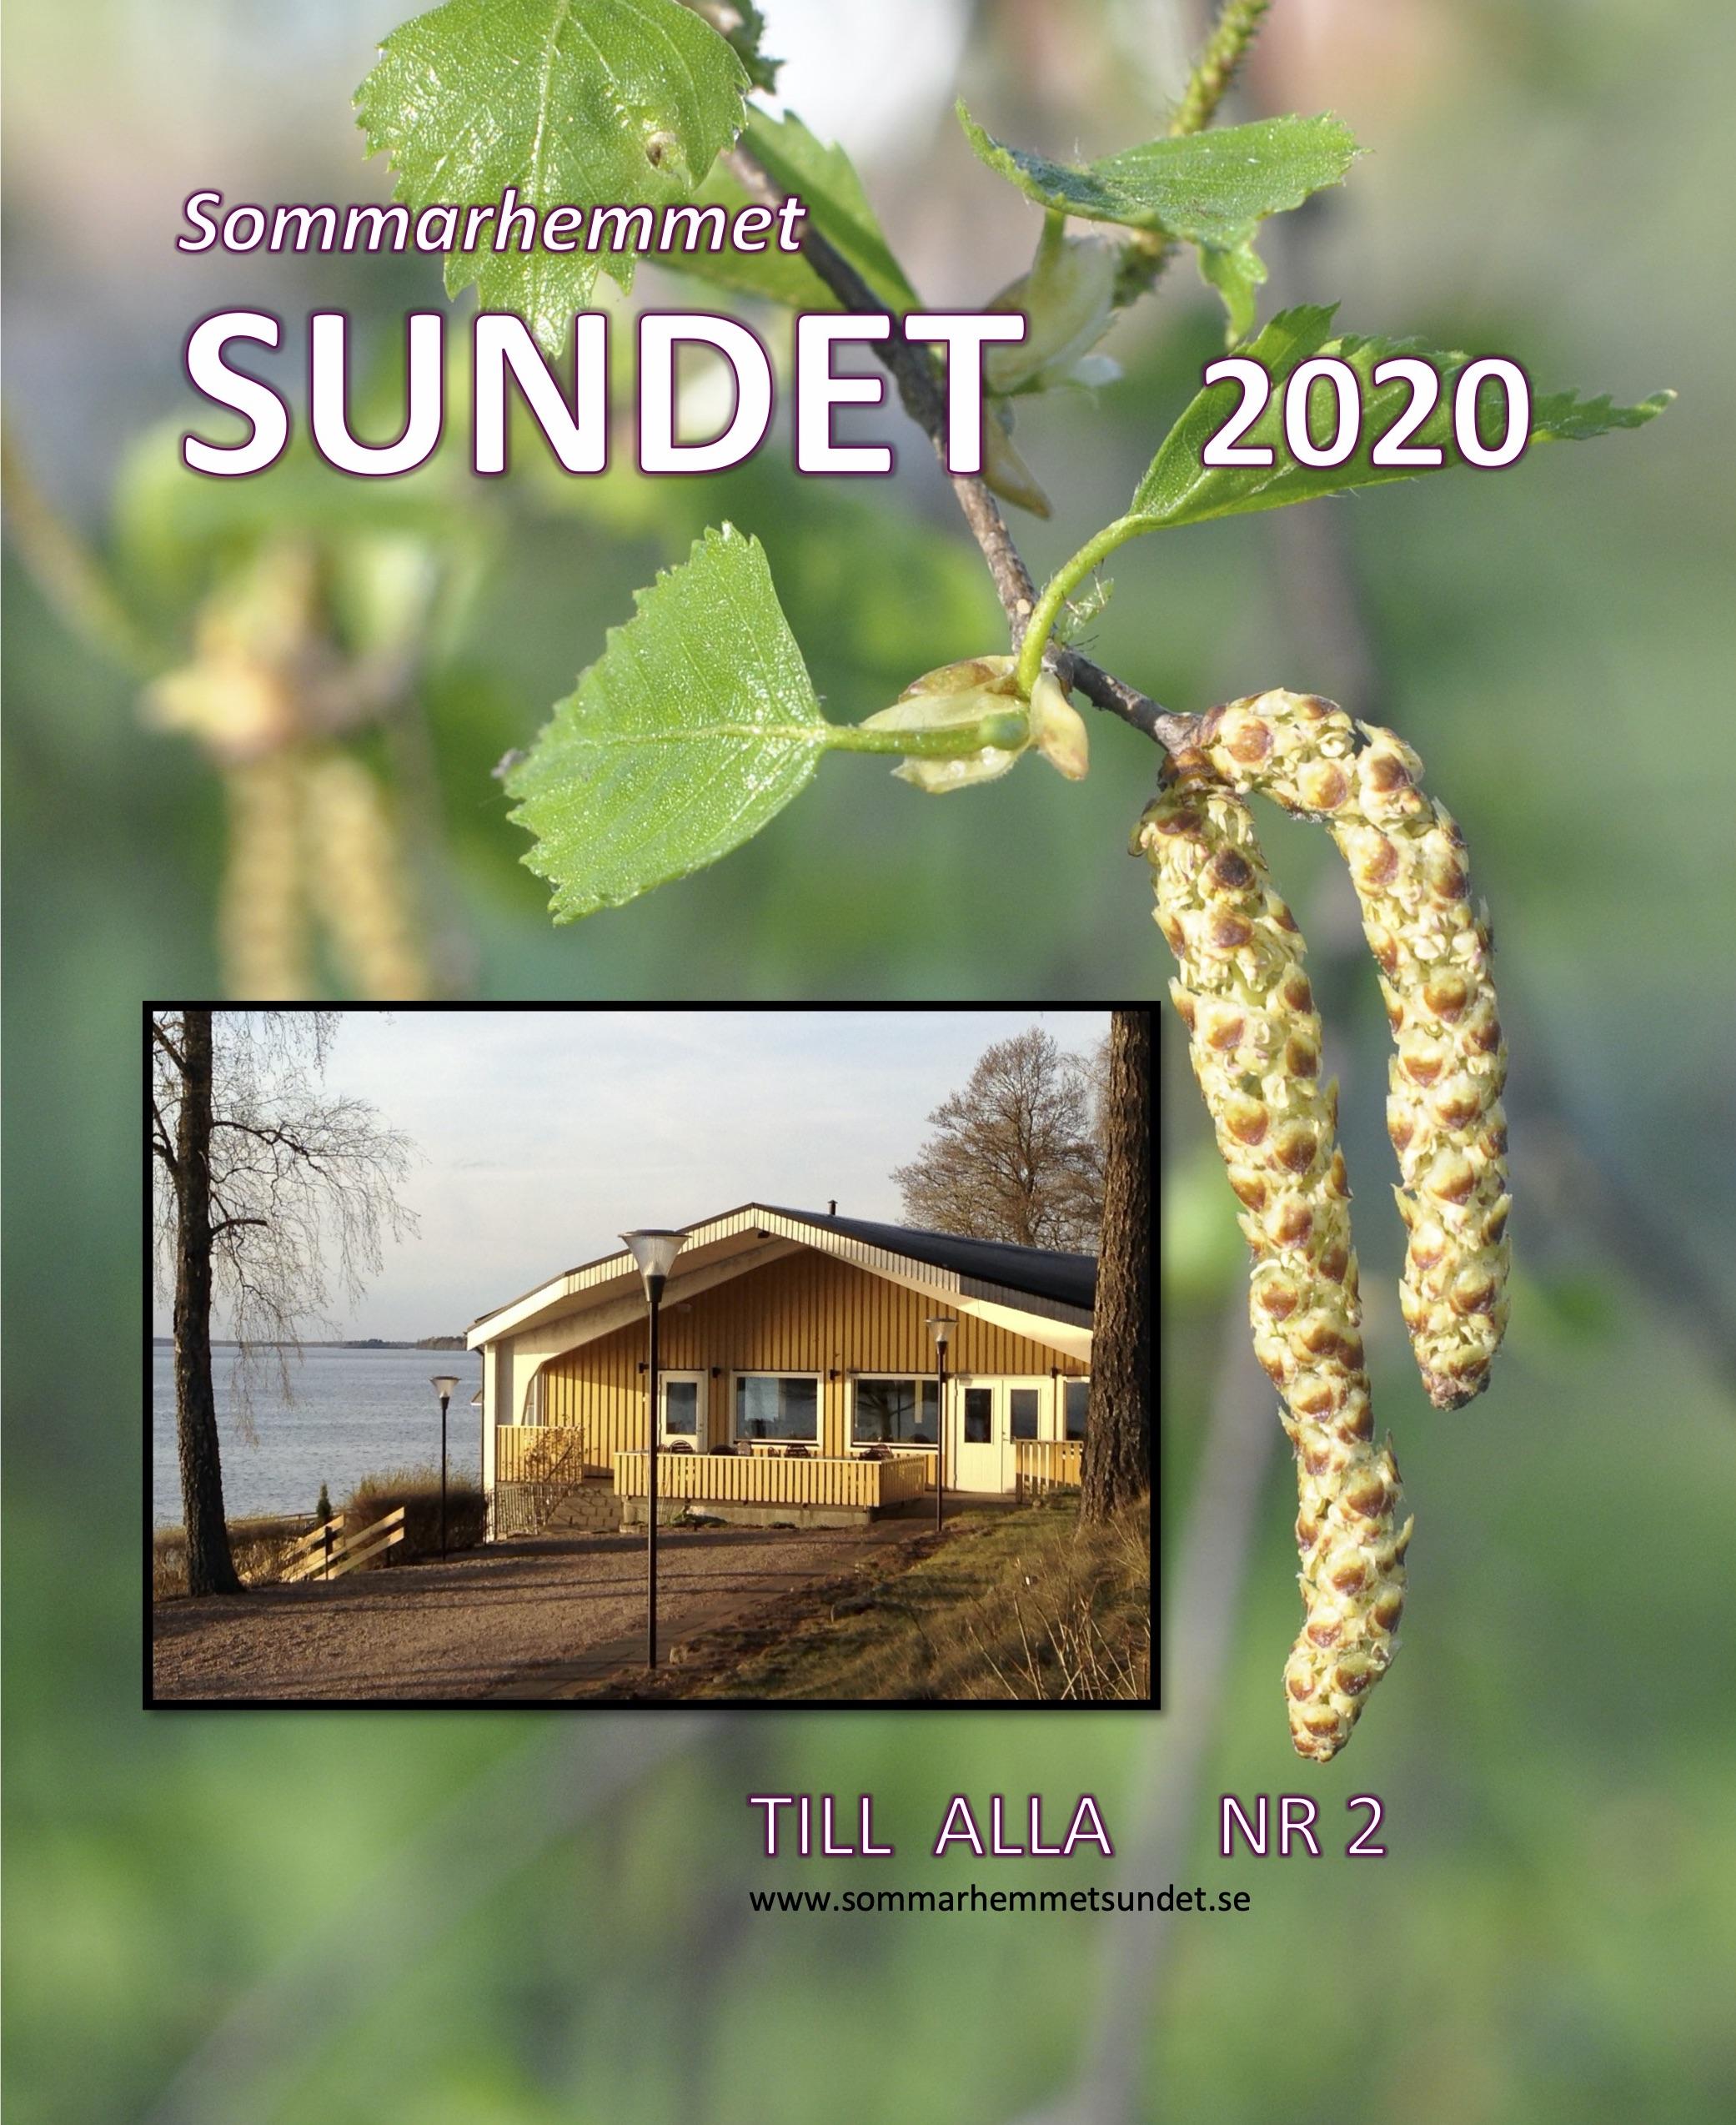 Sommarhemmet Sundet 2020